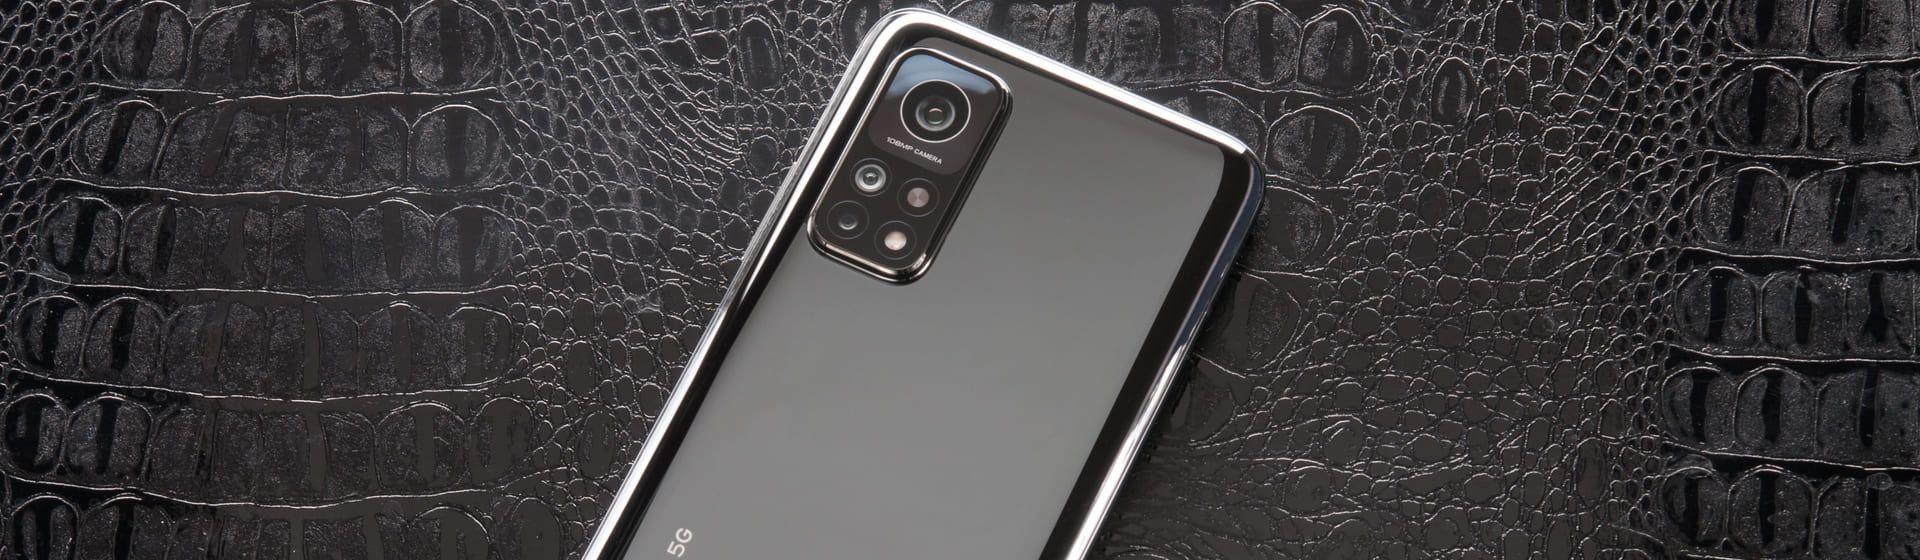 Parte traseira do modelo de celular Xiaomi Mi 10T em fundo de couro